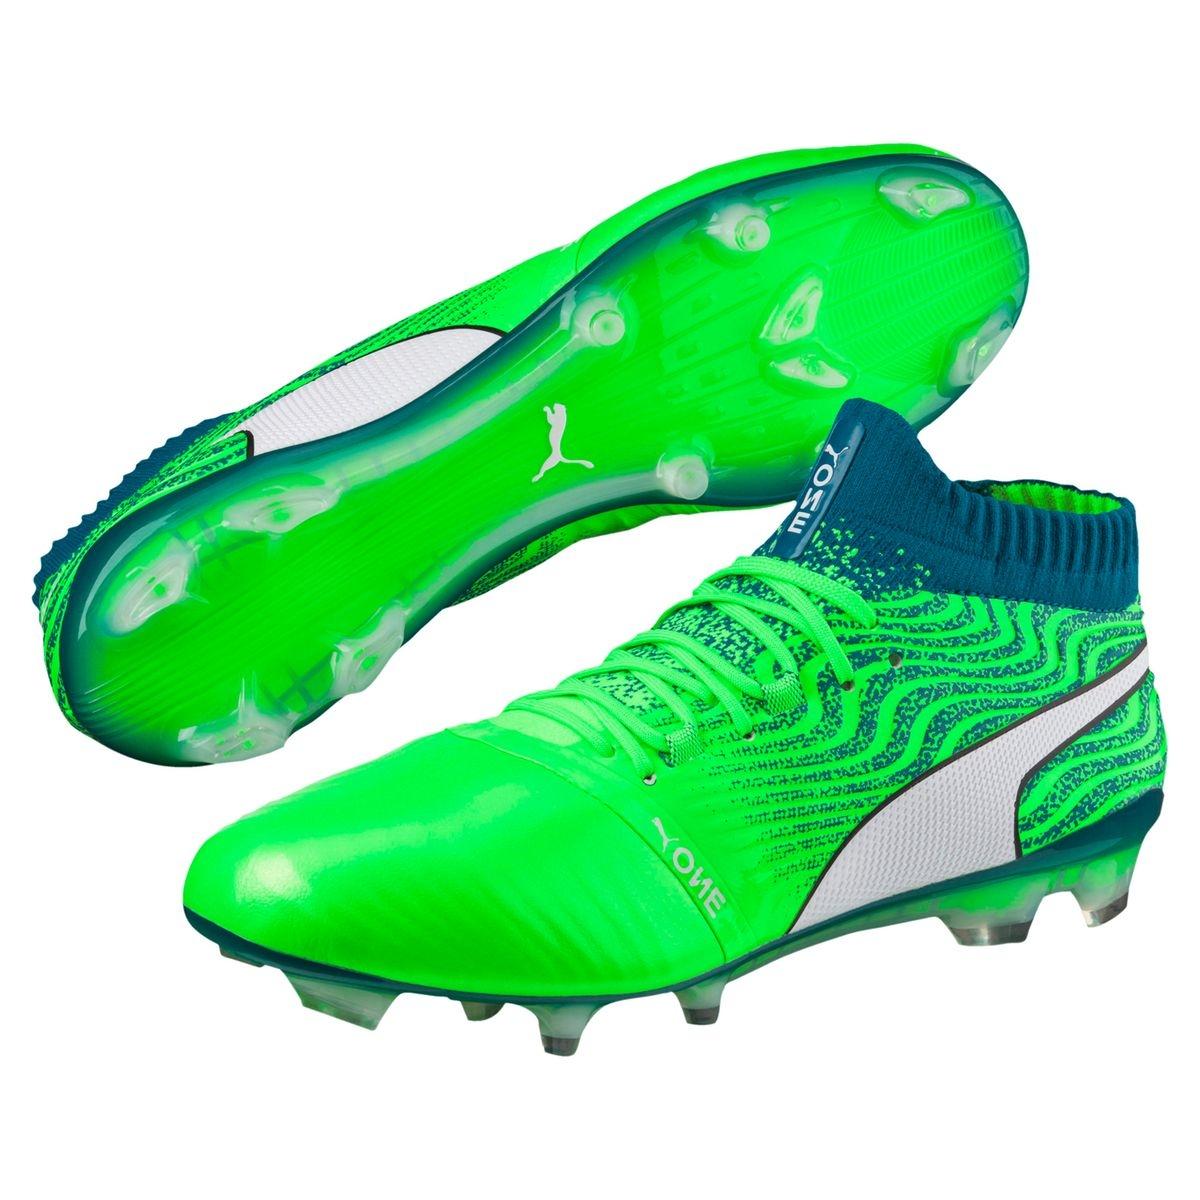 Chaussure de foot ONE 18.1 FG pour homme